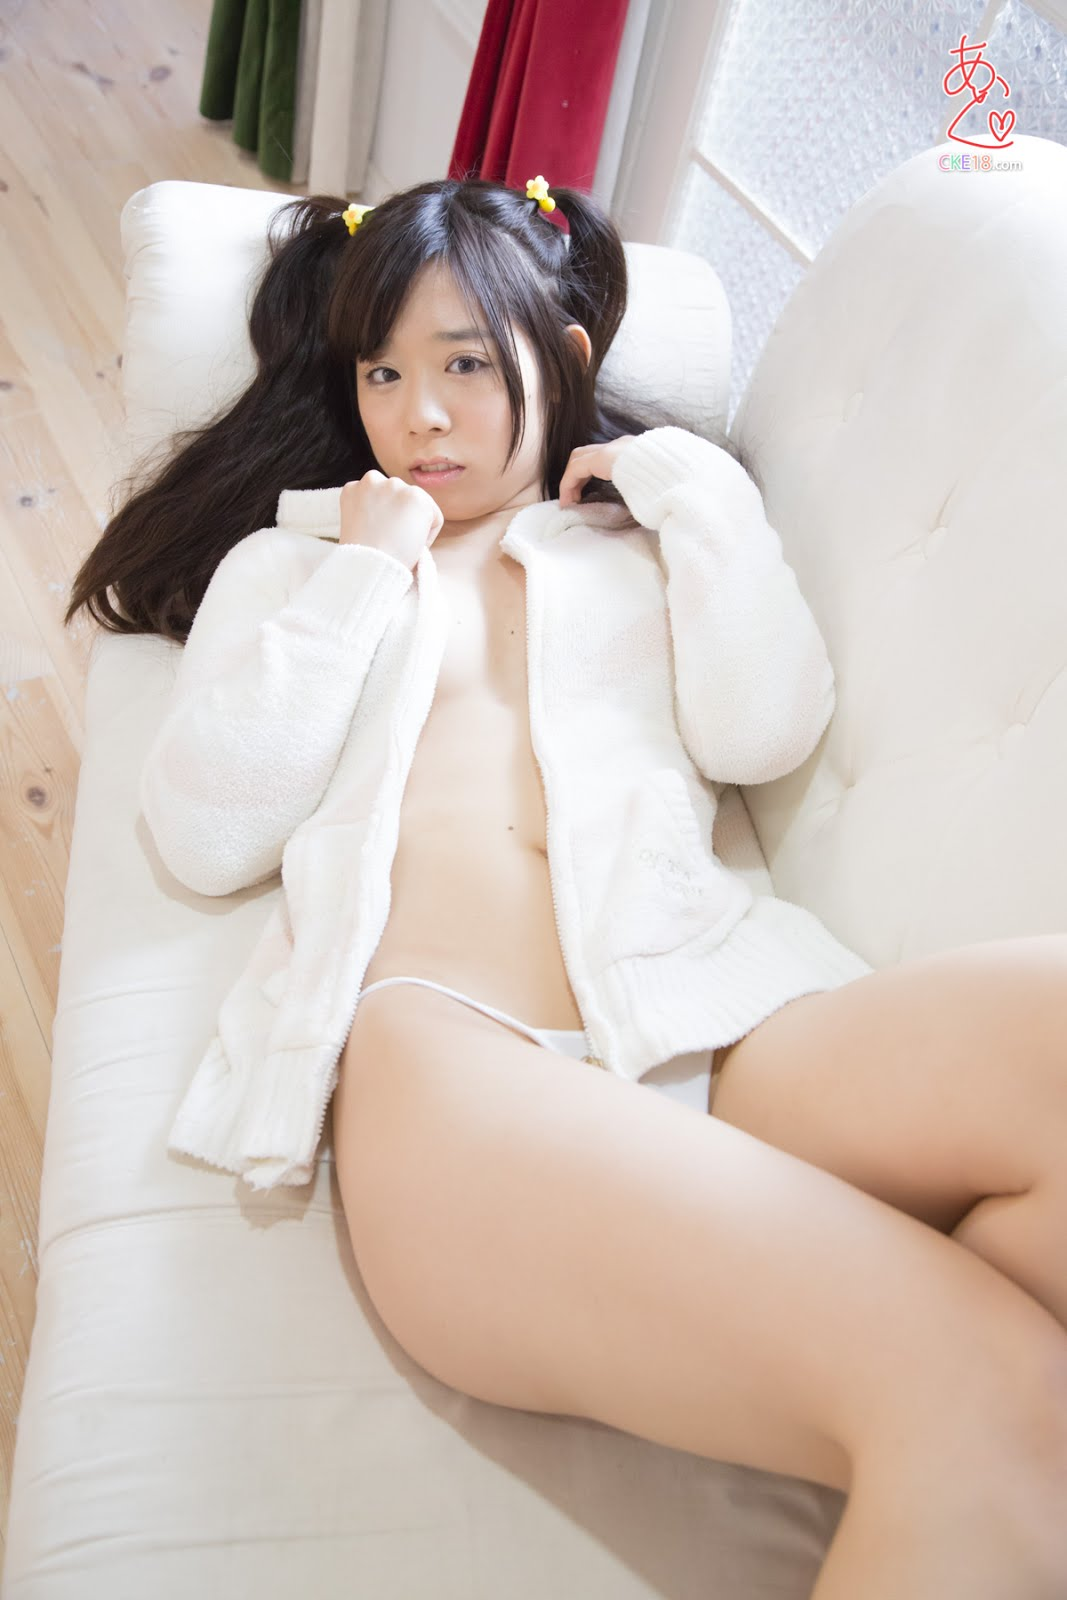 Ảnh sex Japan em học sinh trung học khỏa thân